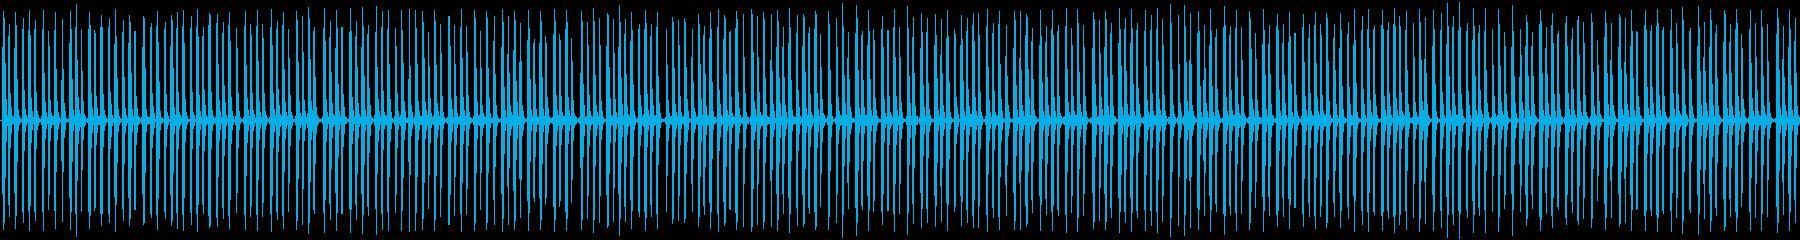 常時コンピューターの桁コンピュータ...の再生済みの波形